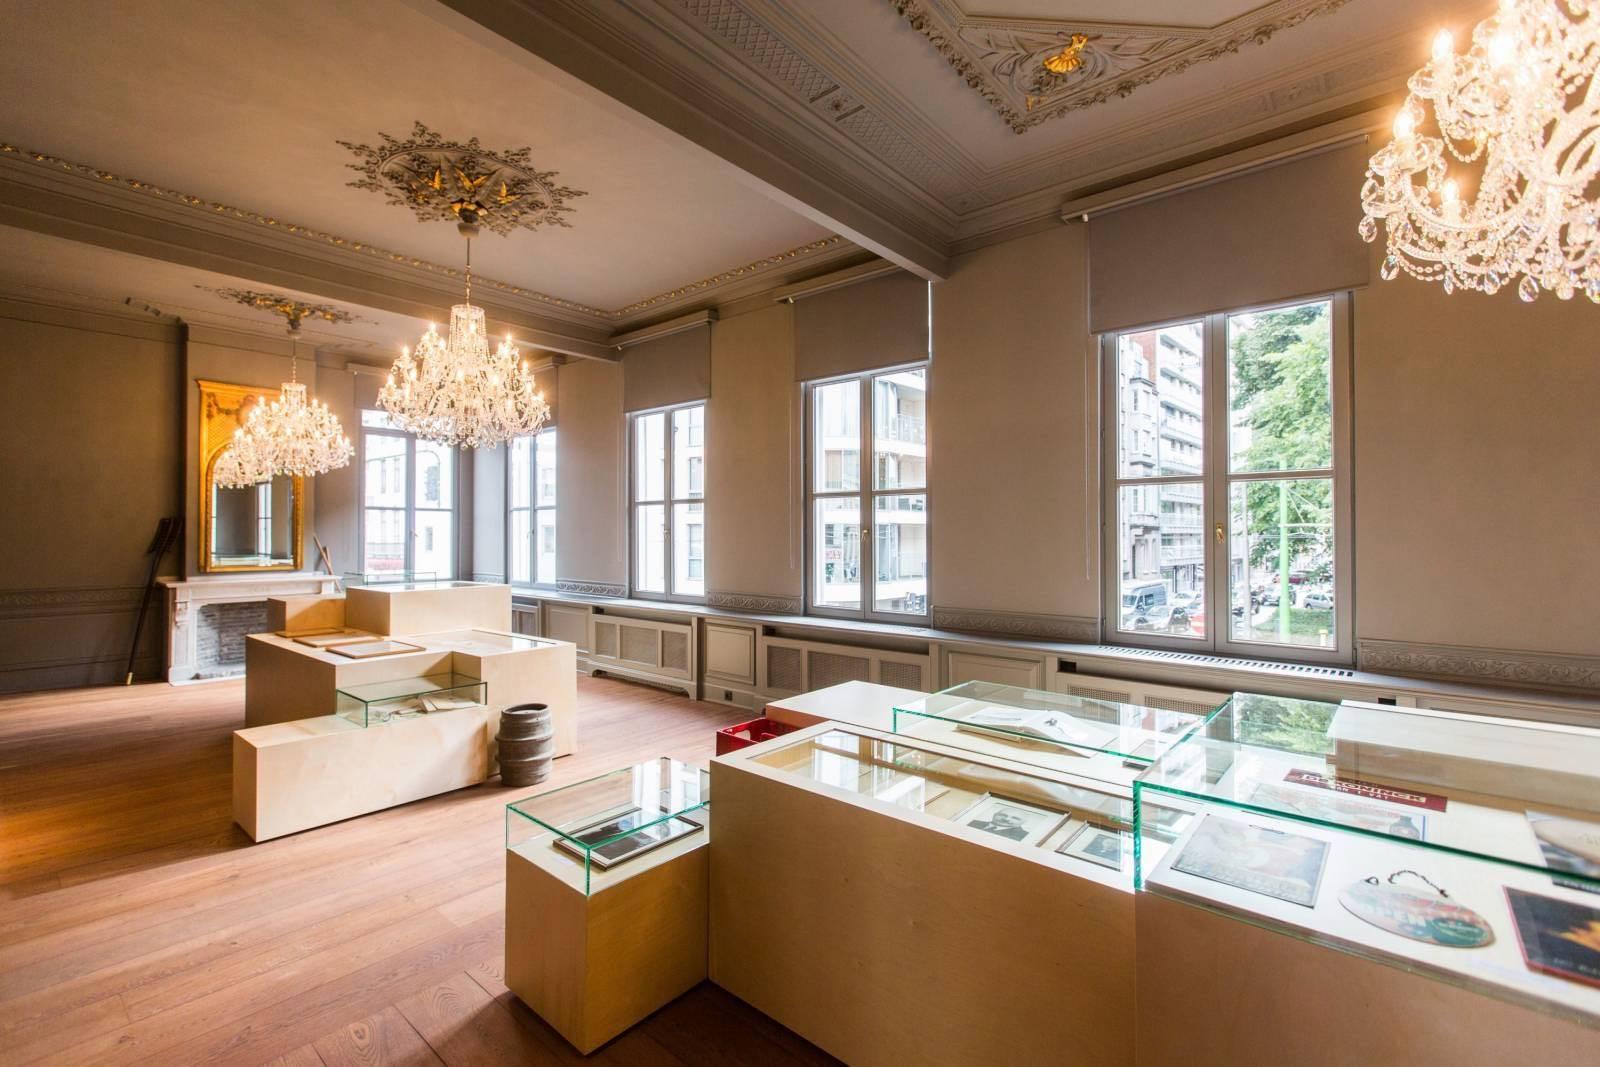 Stadsbrouwerij De Koninck - Feestzaal Antwerpen - House of Weddings - 13